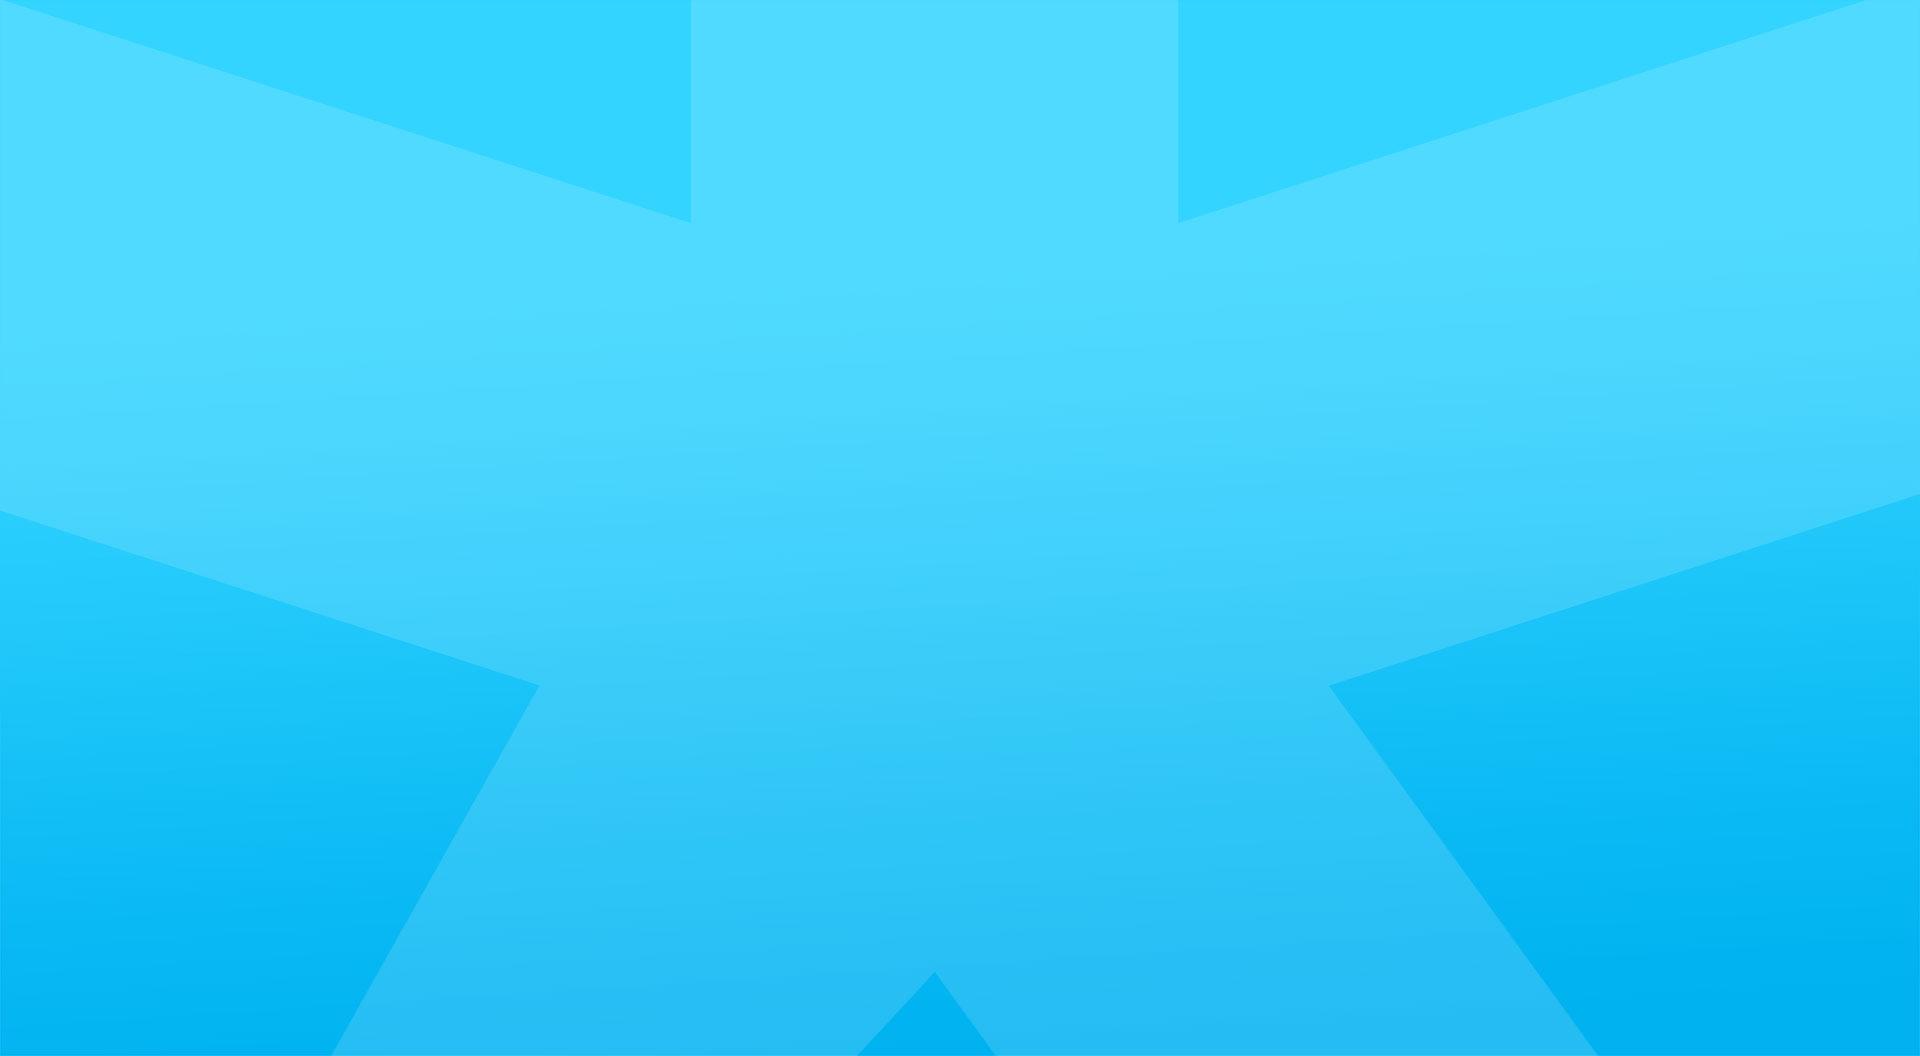 Sininen taustakuva